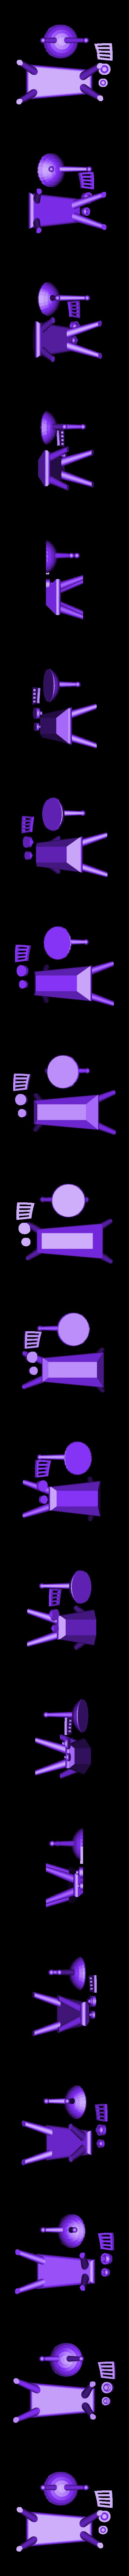 RetroTV_BaseBits.stl Télécharger fichier STL gratuit Rétro Télévision • Modèle à imprimer en 3D, gabutoillegna56